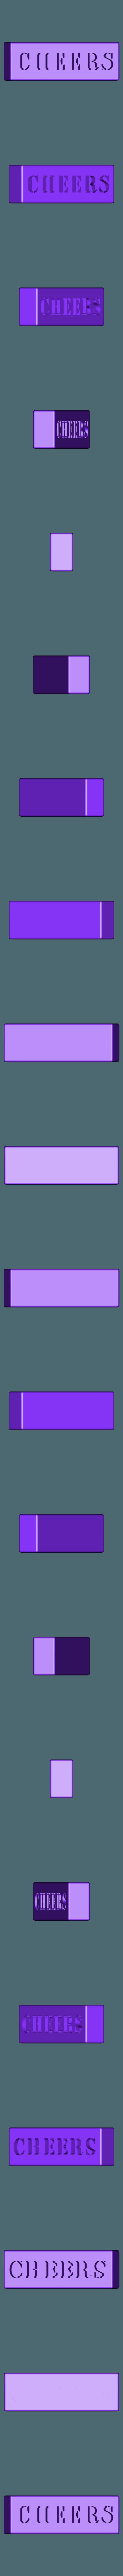 Jenga block - Cheers.stl Download STL file Jenga Rules • 3D print model, Made_In_Space